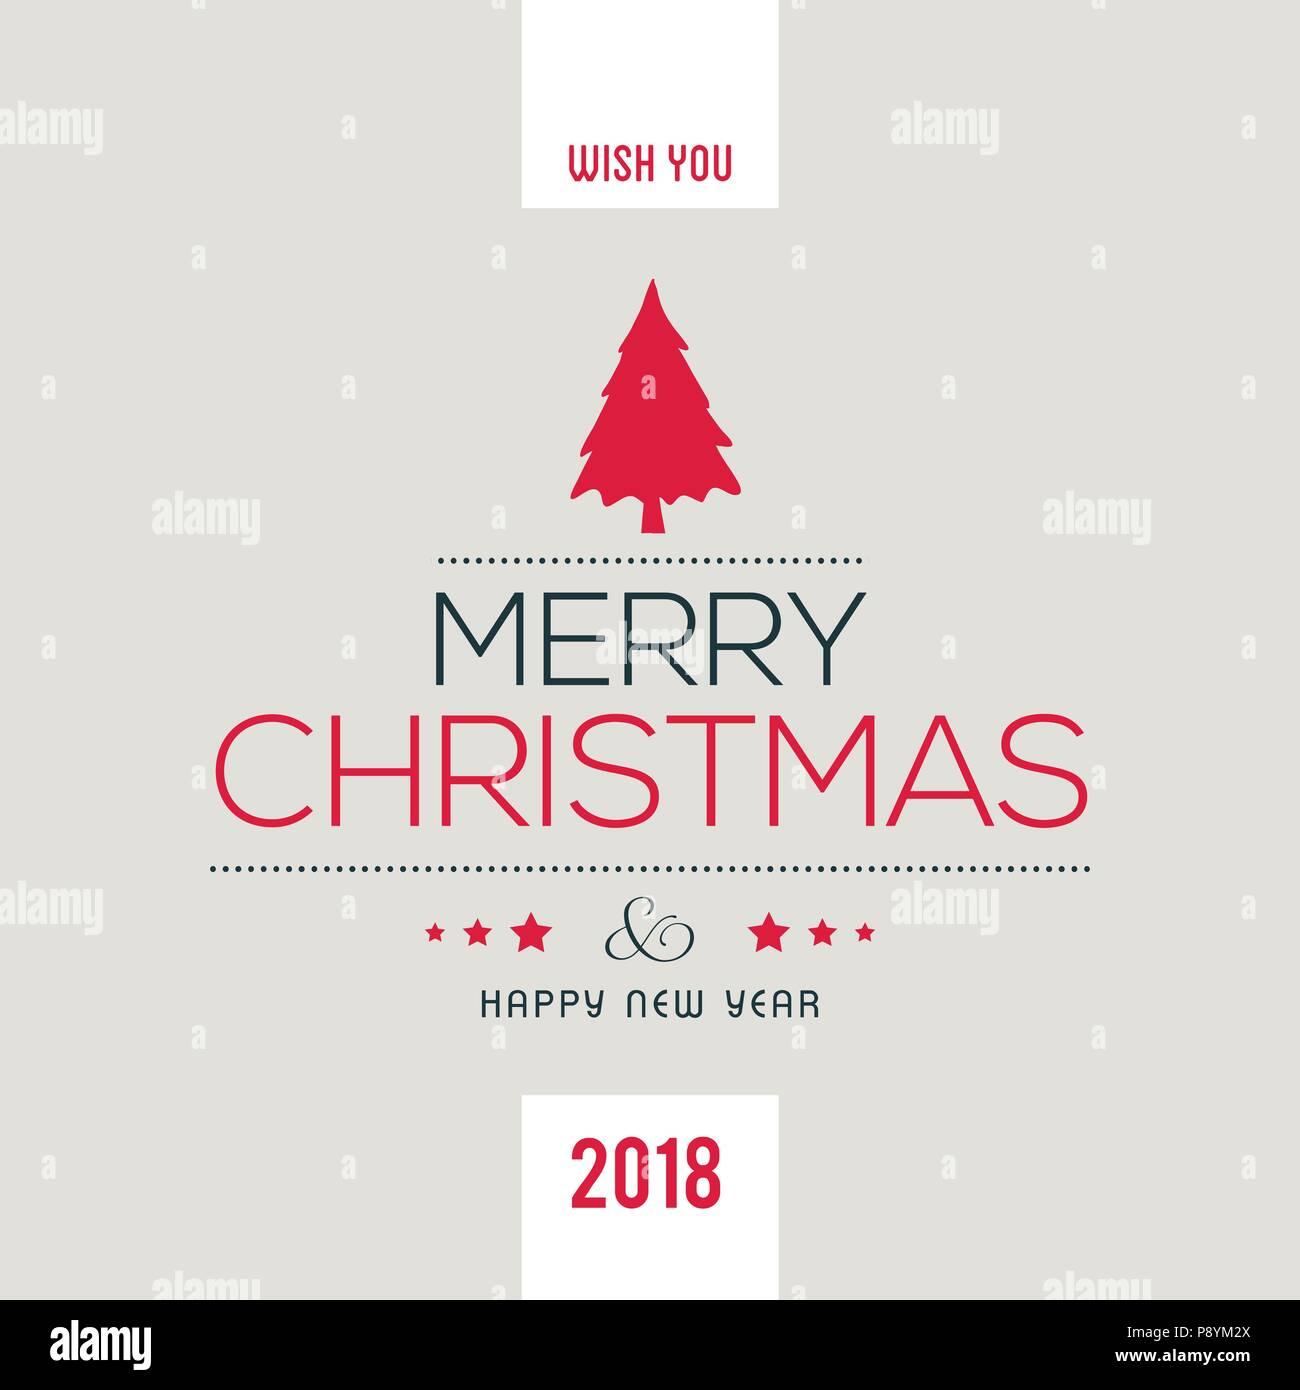 Einfache Weihnachtsgrüße.Weihnachtsgrüße Karte Mit Hellen Hintergrund Mit Weihnachtsbaum Und